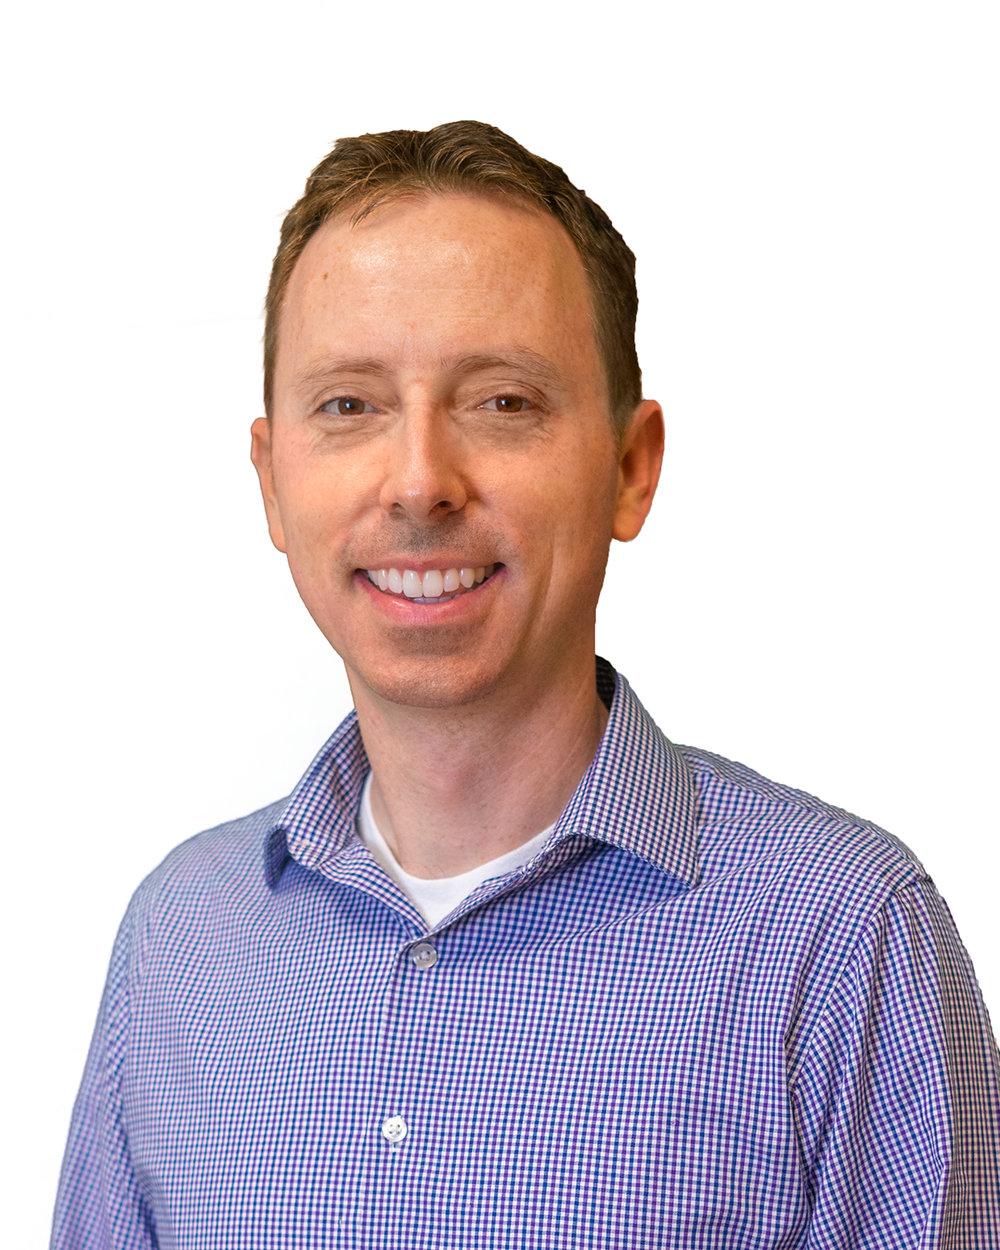 Dr Shawn Monahan